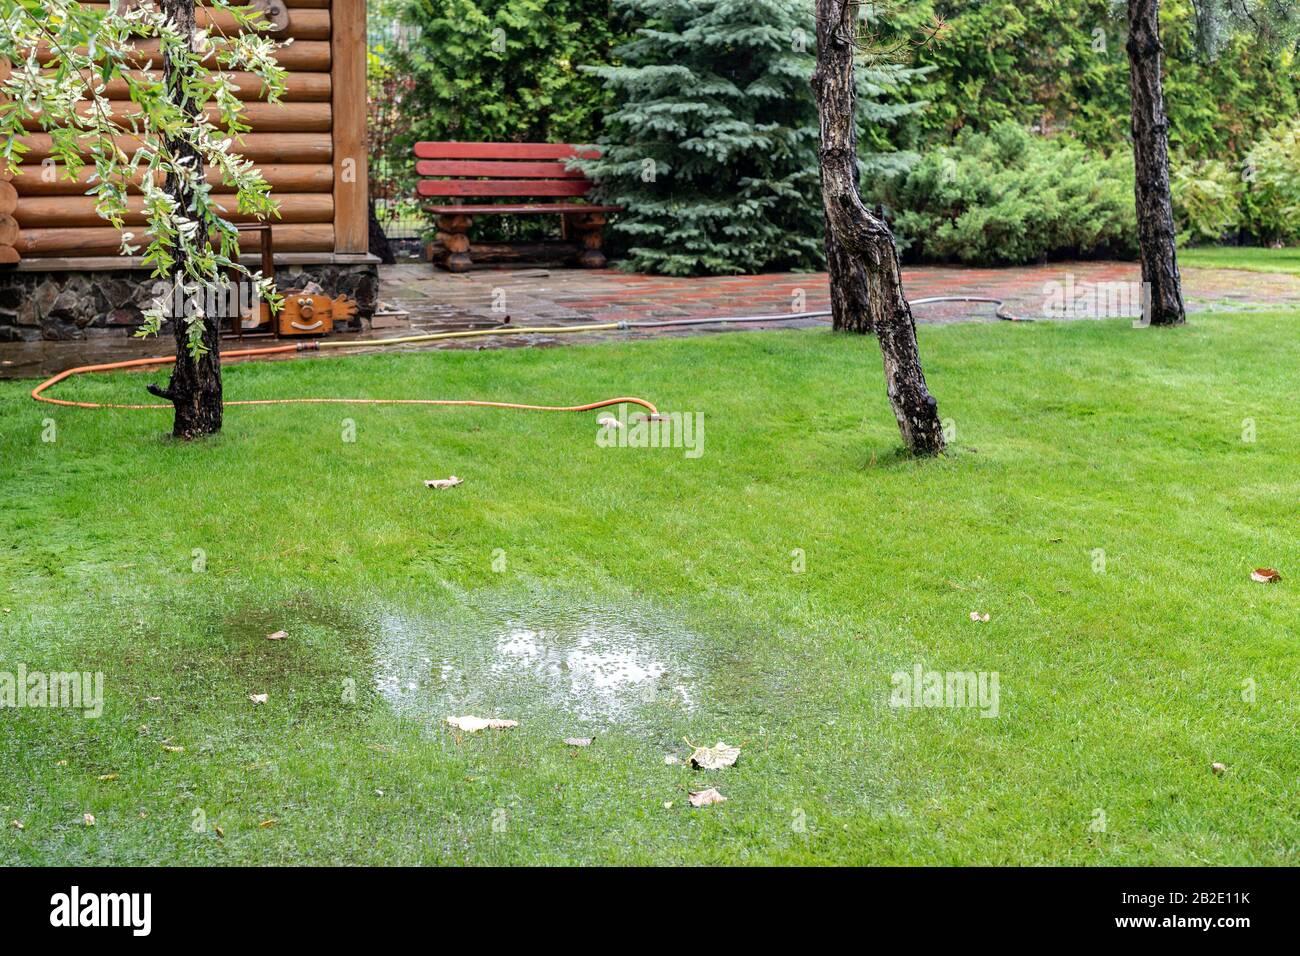 Buissons de jardin, pelouse d'arbre et d'herbe verte recouverte d'eau en raison de la fonte de la neige décongeler et flasher l'eau haute au printemps. Le déluge de catastrophe naturelle a été inondé Banque D'Images